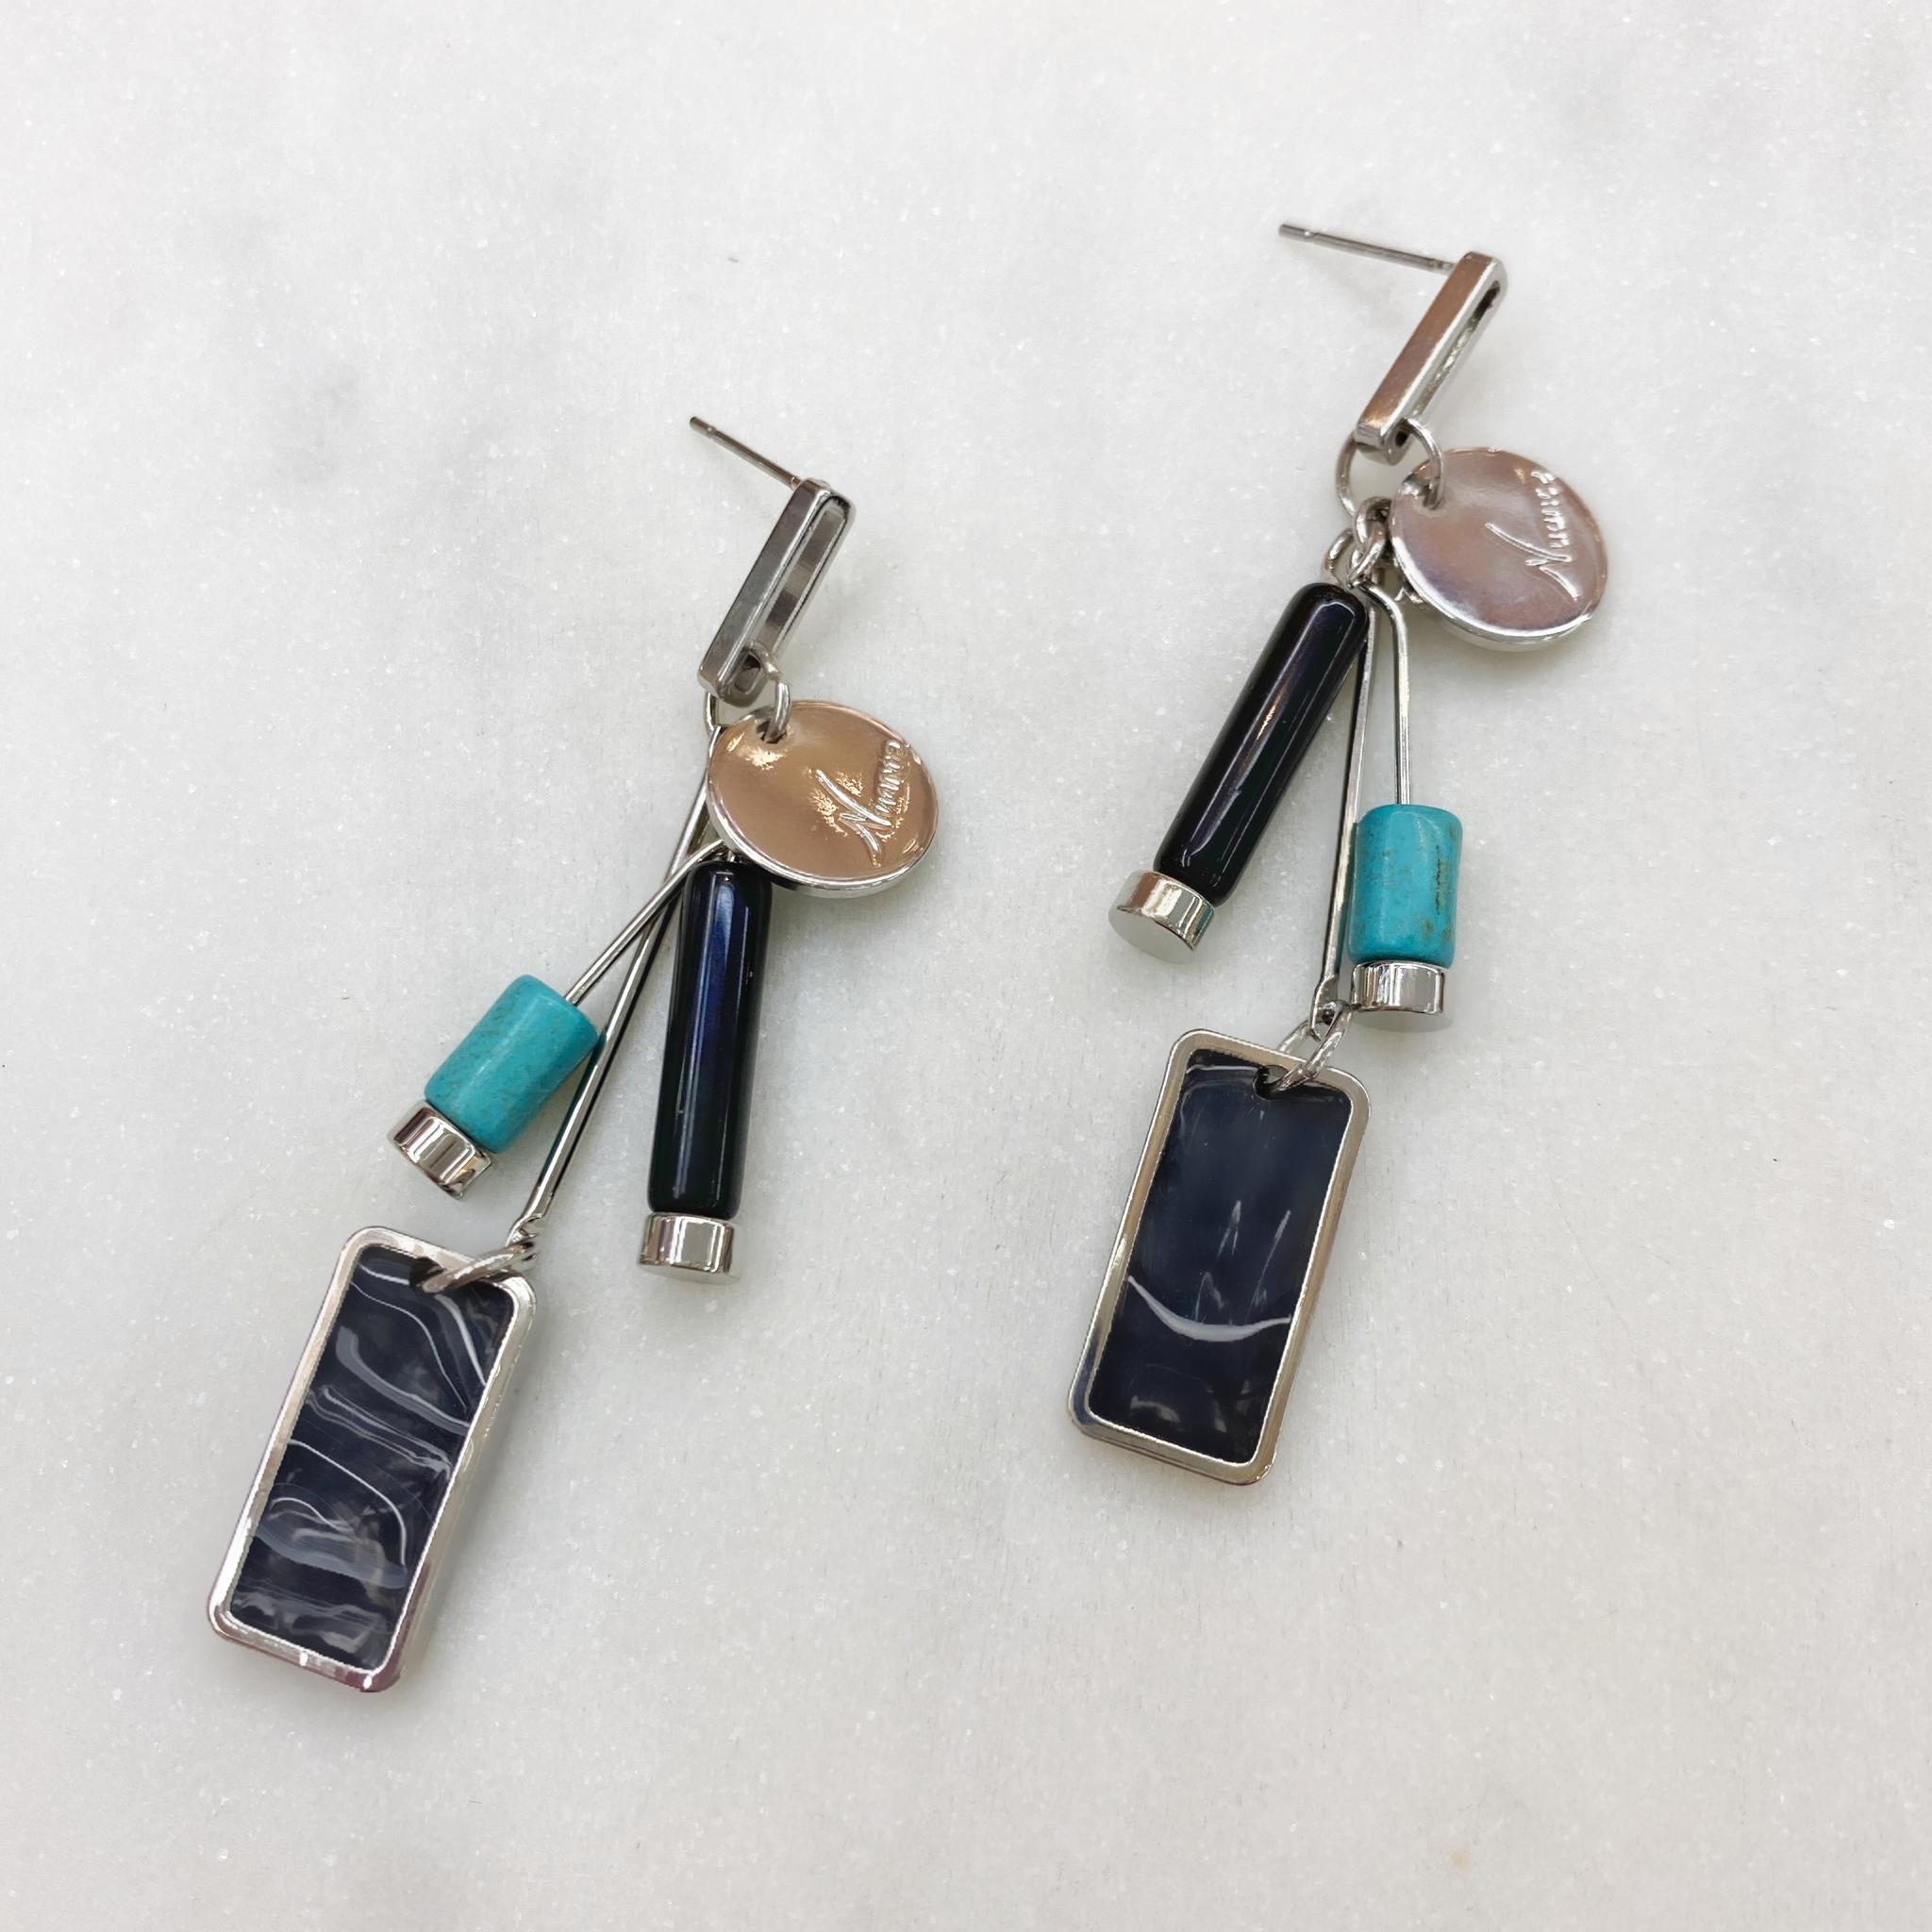 Серьги MIX с цилиндрическими и прямоугольной подвеской серебряный